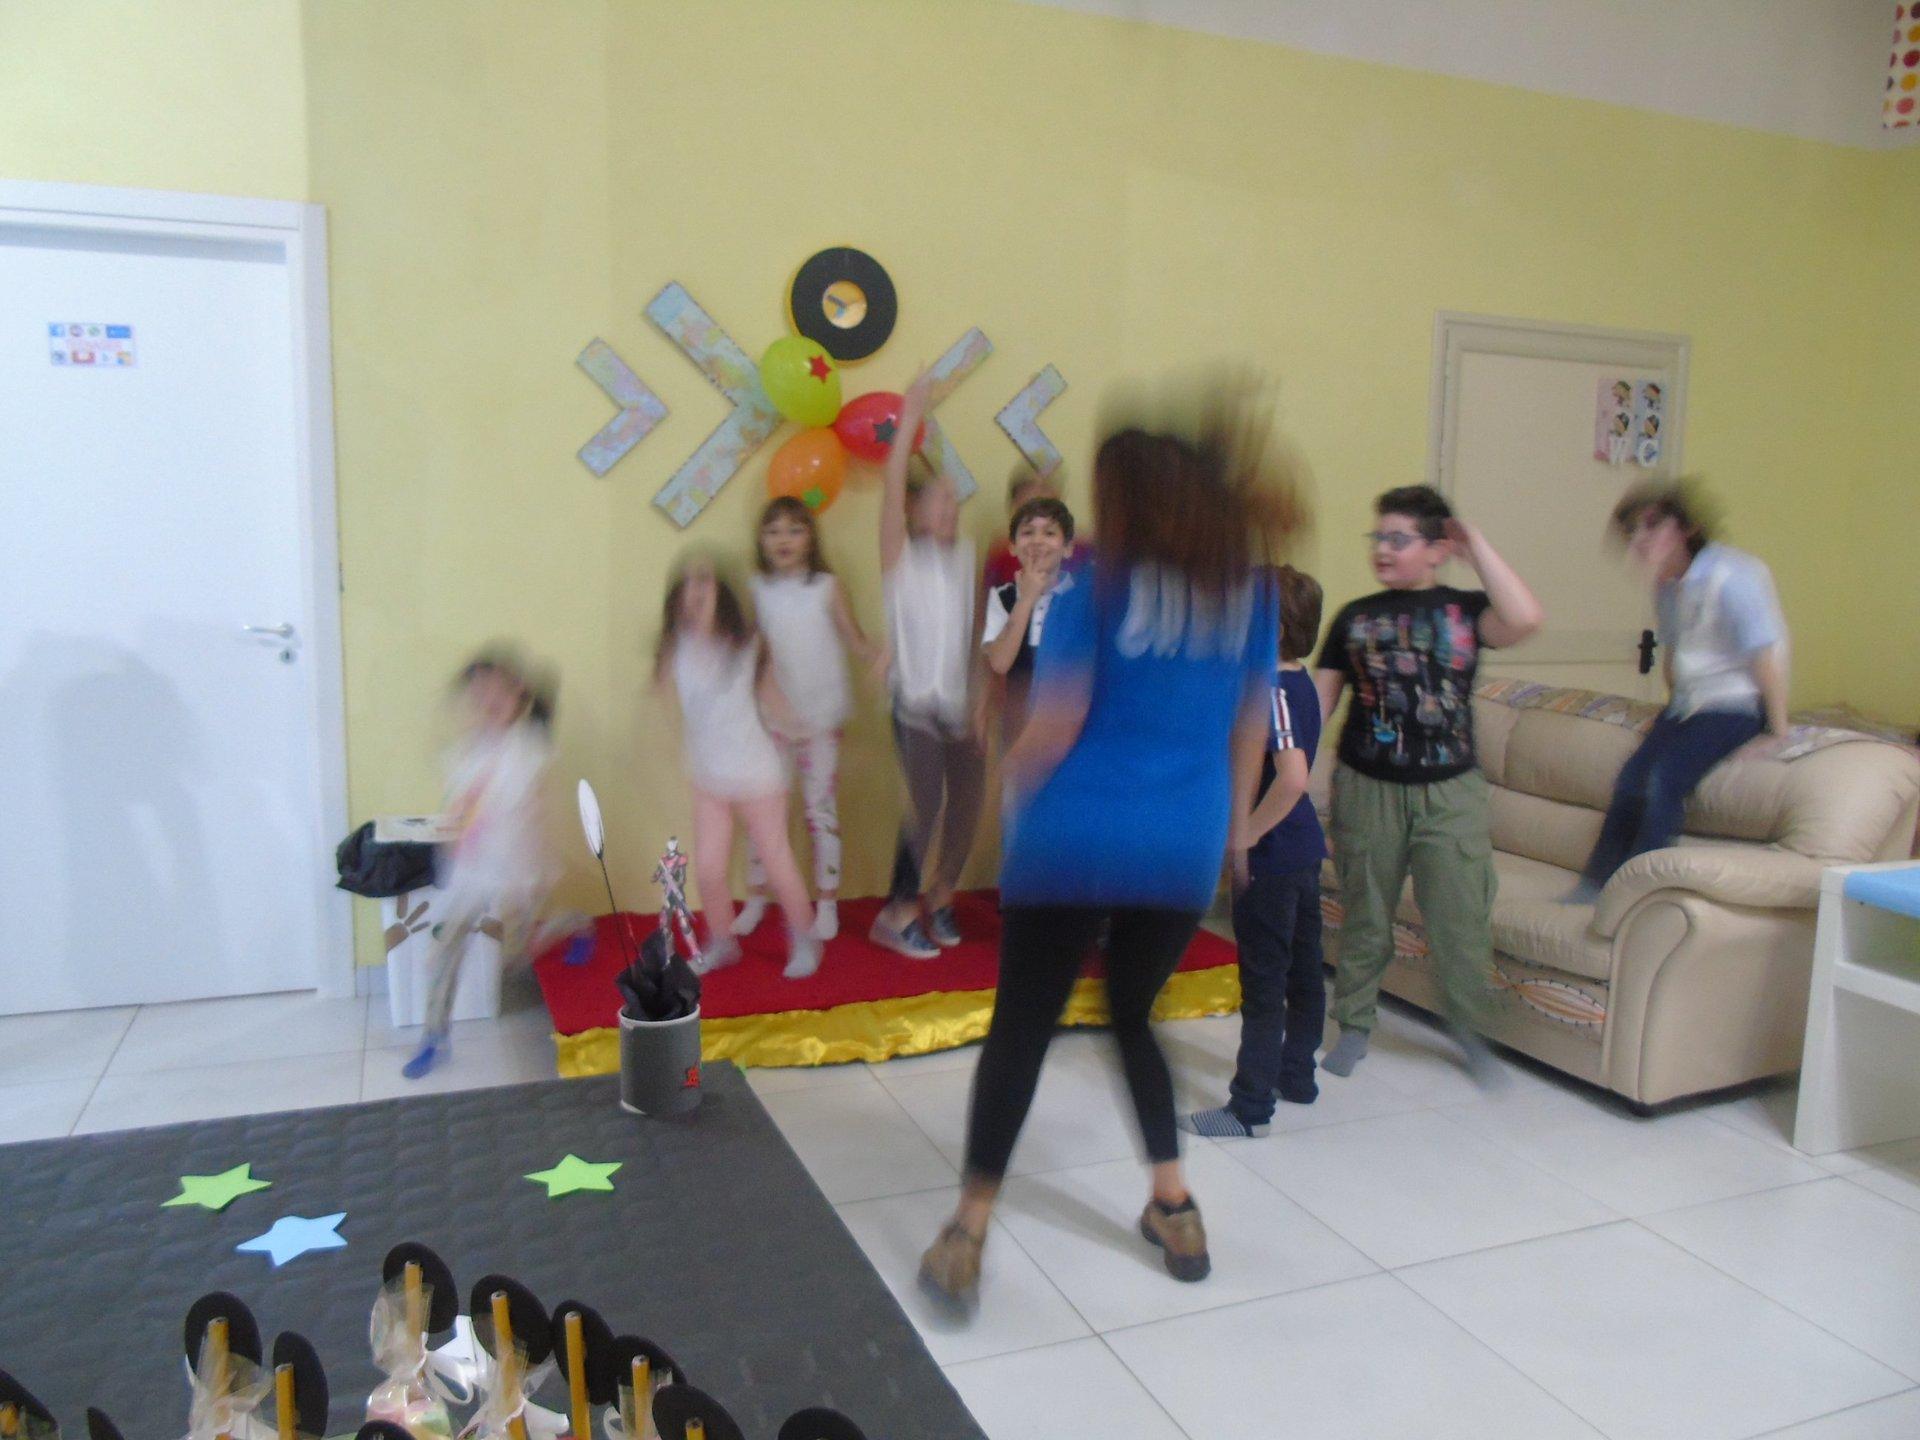 bambini stanno ballando in un compleanno festa